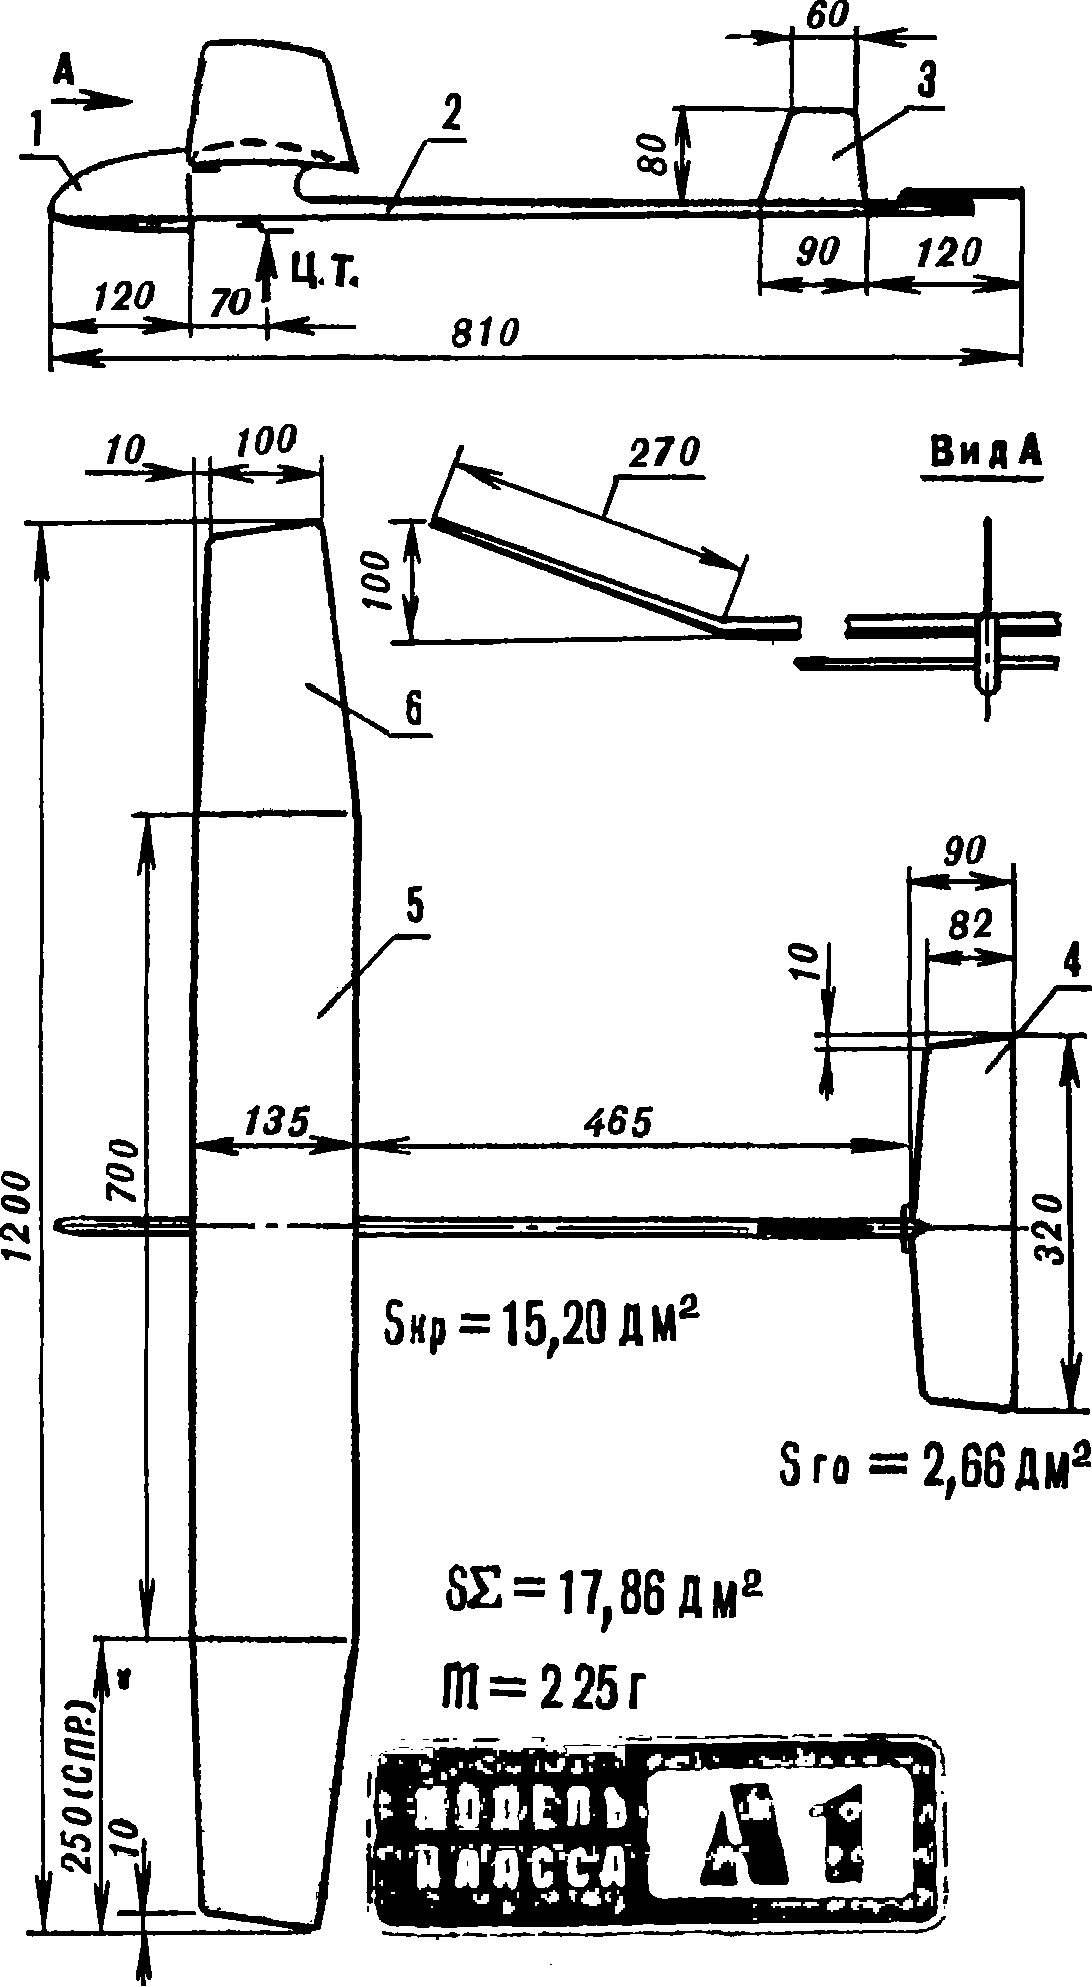 Svobodnaya model glider class A1.